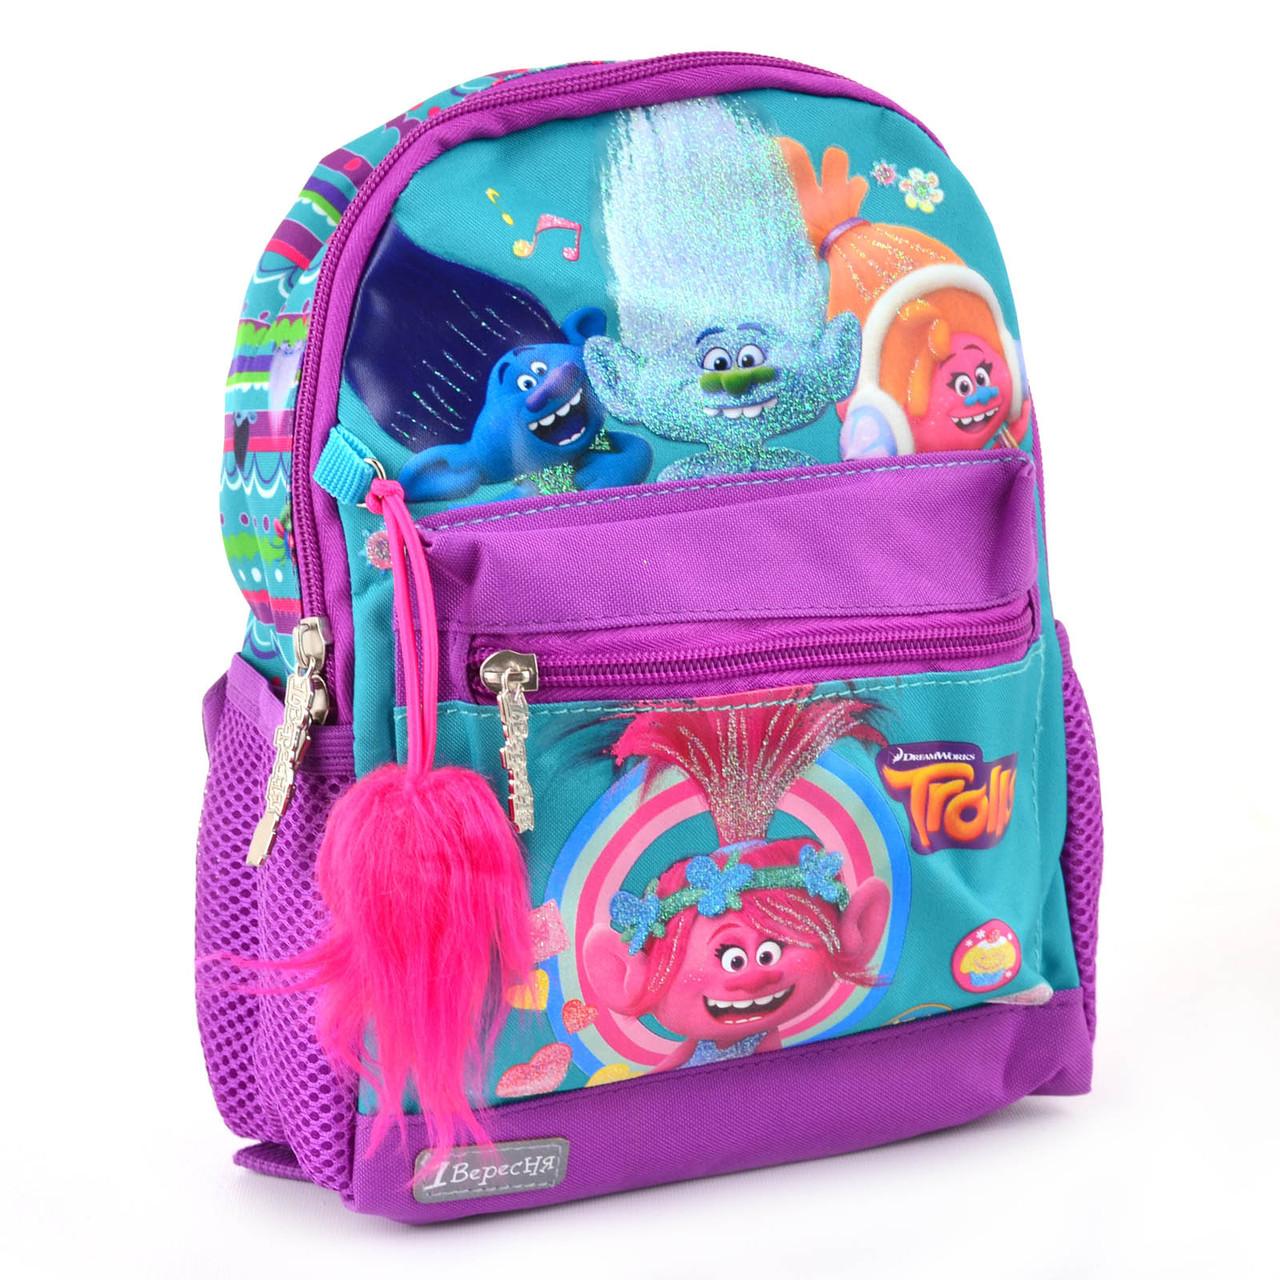 Рюкзак детский 1 Вересня K-16 Trolls, 25.5*19.5*6.5 554367